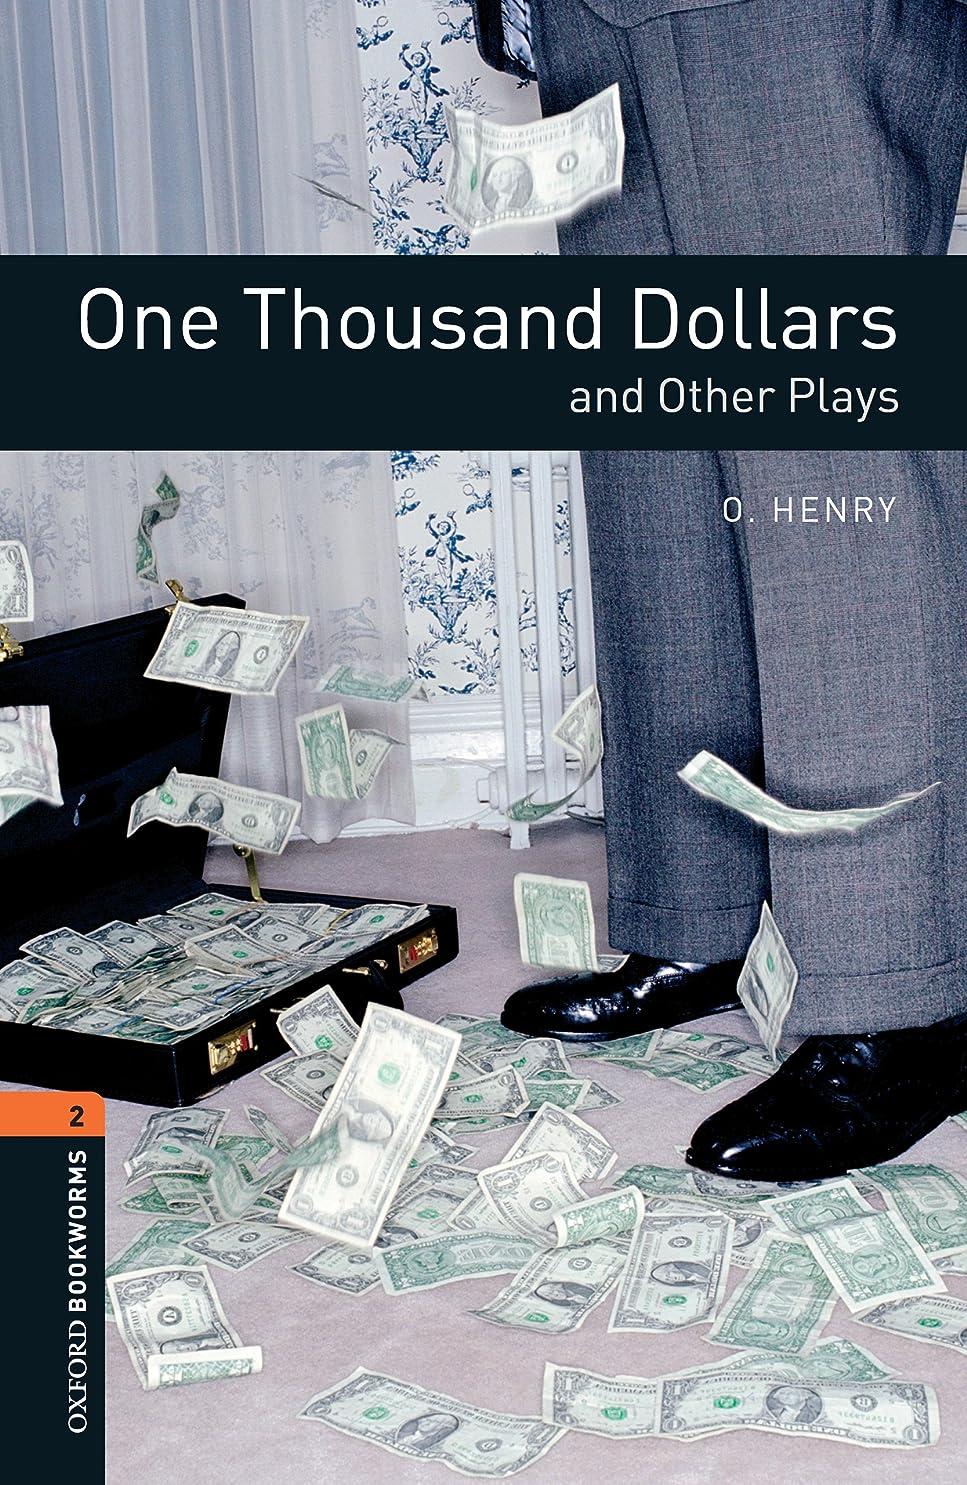 問い合わせ排出優雅One Thousand Dollars and Other Plays Level 2 Oxford Bookworms Library (English Edition)